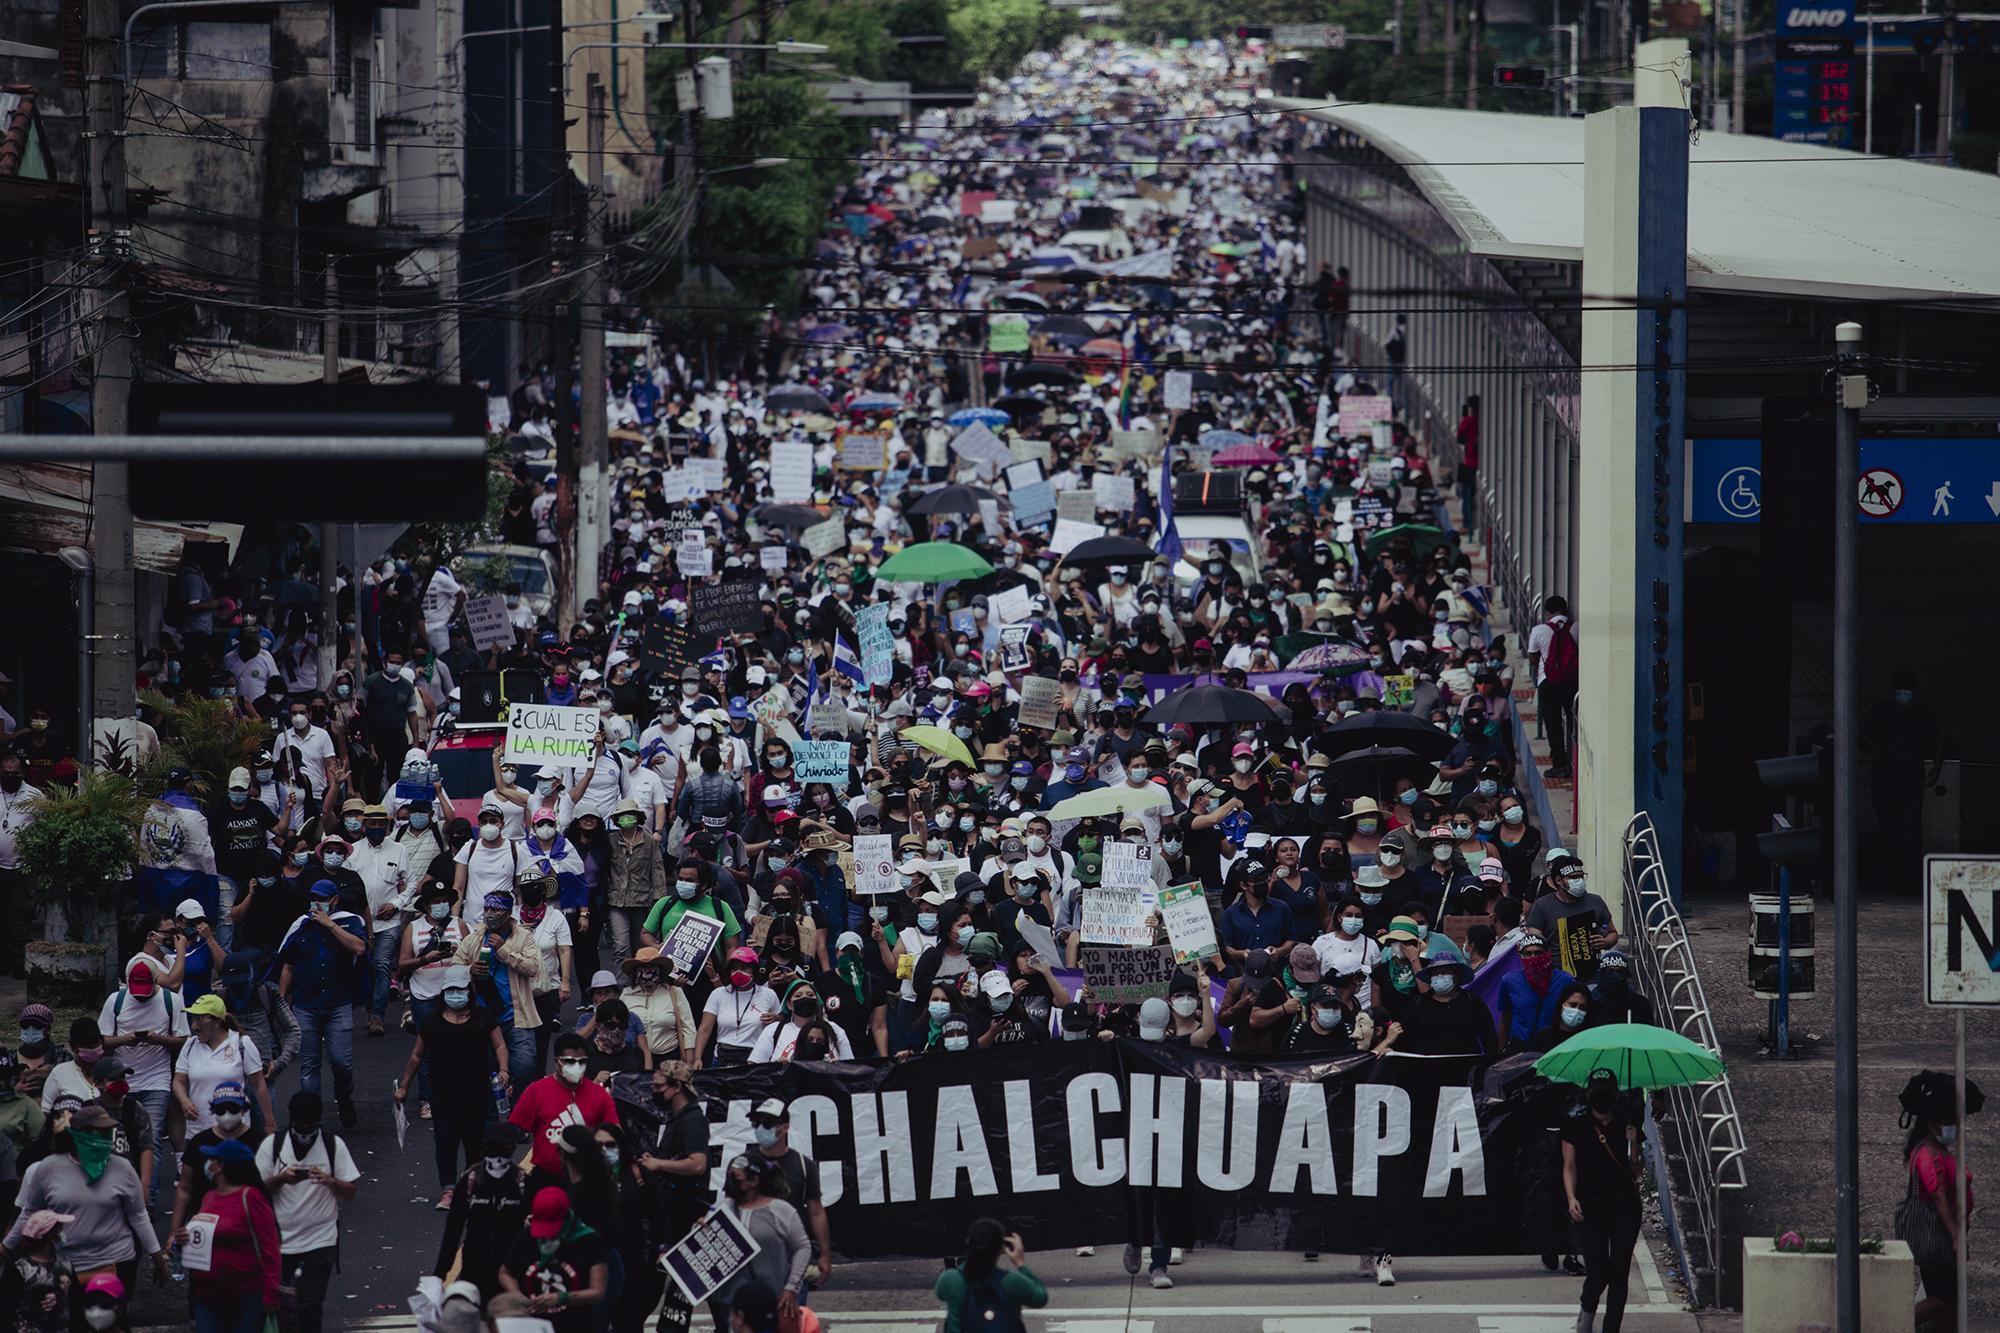 Miles de personas marcharon desde el parque Cuscatlán hasta la plaza Morazán en contra del gobierno del presidente Nayib Bukele. Las protestas se realizaron en el marco del Bicentenario de la independencia Centroamericana. Foto de El Faro: Carlos Barrera